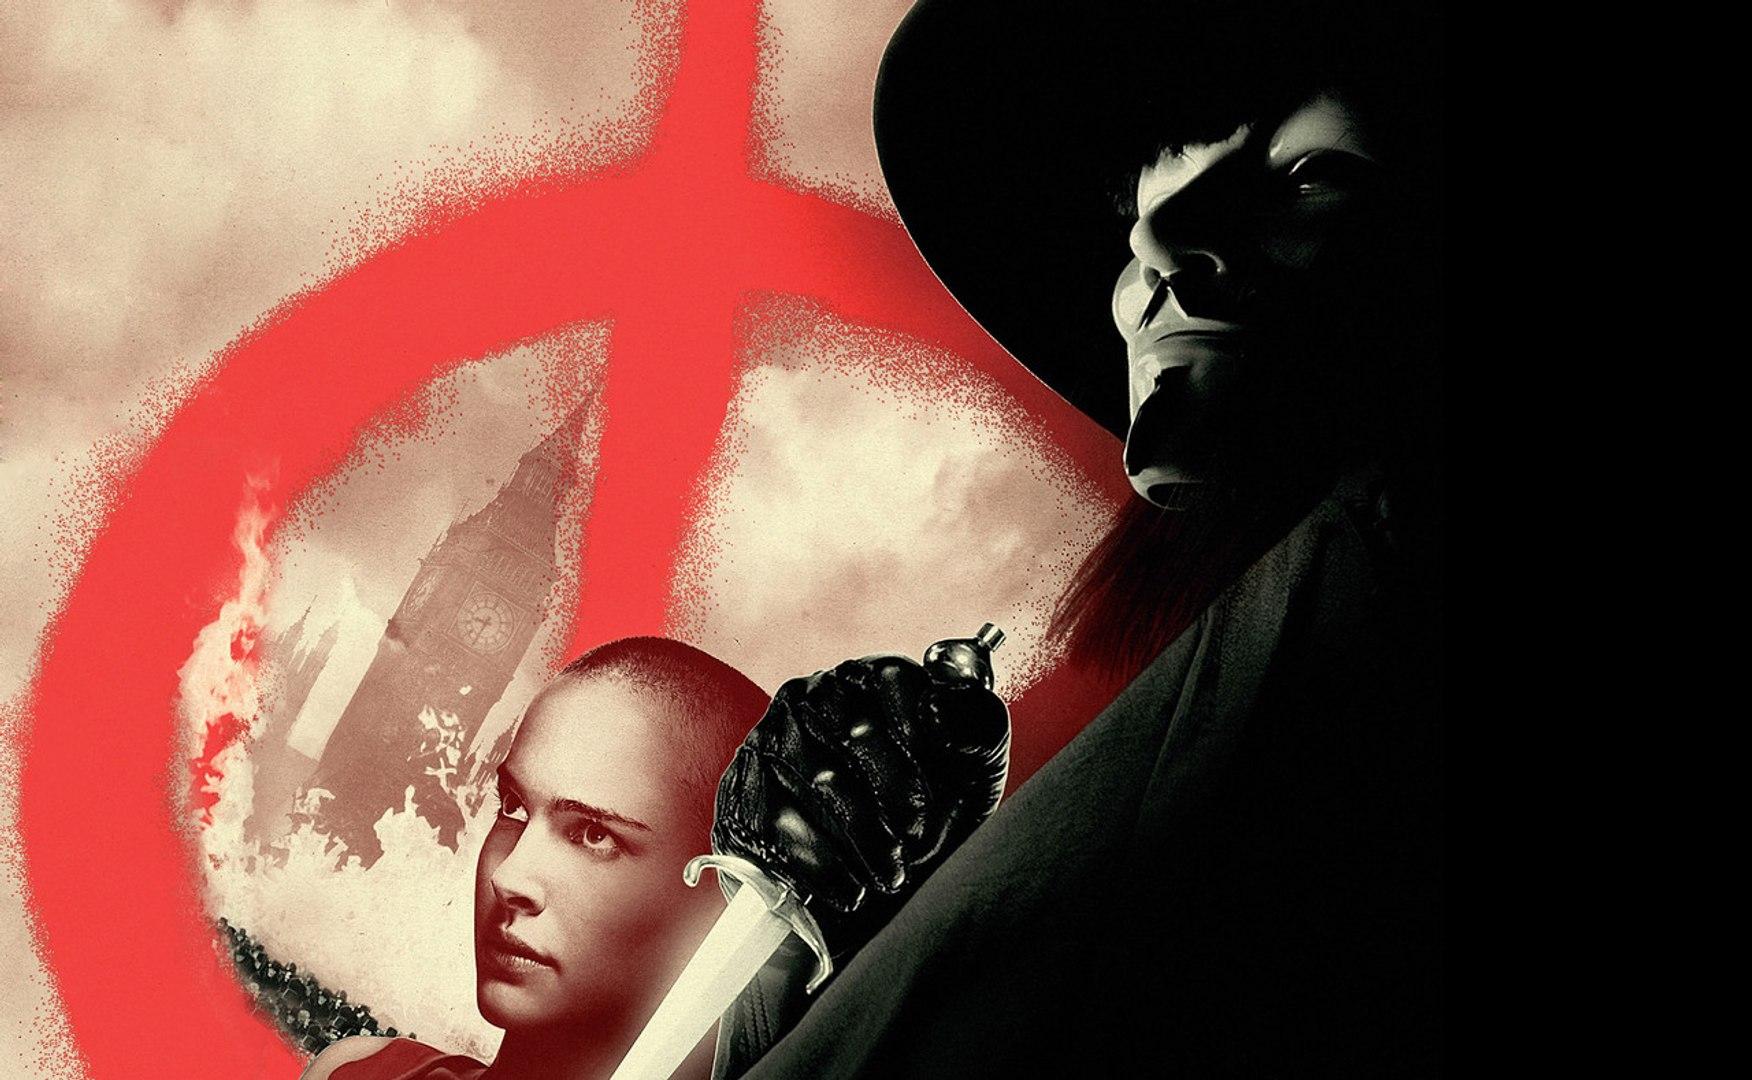 Watch V for Vendetta Full Movie Online,  V for Vendetta Full Movie Streaming Online in HD-720p Video